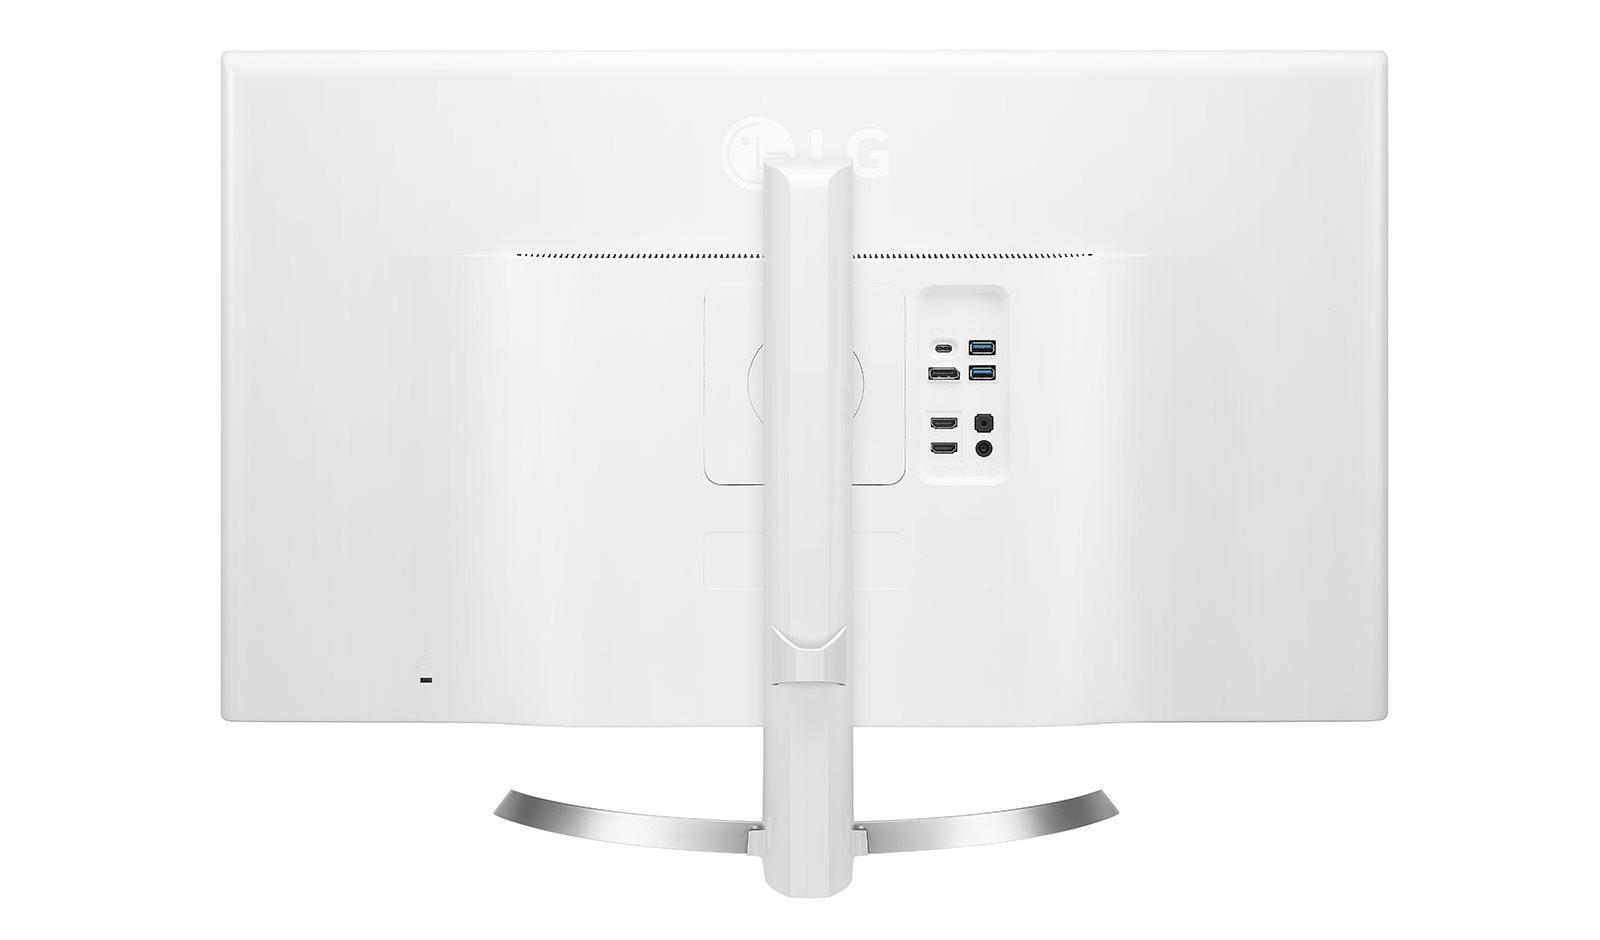 LG 32UD99 - UHD 4K монитор появился в России